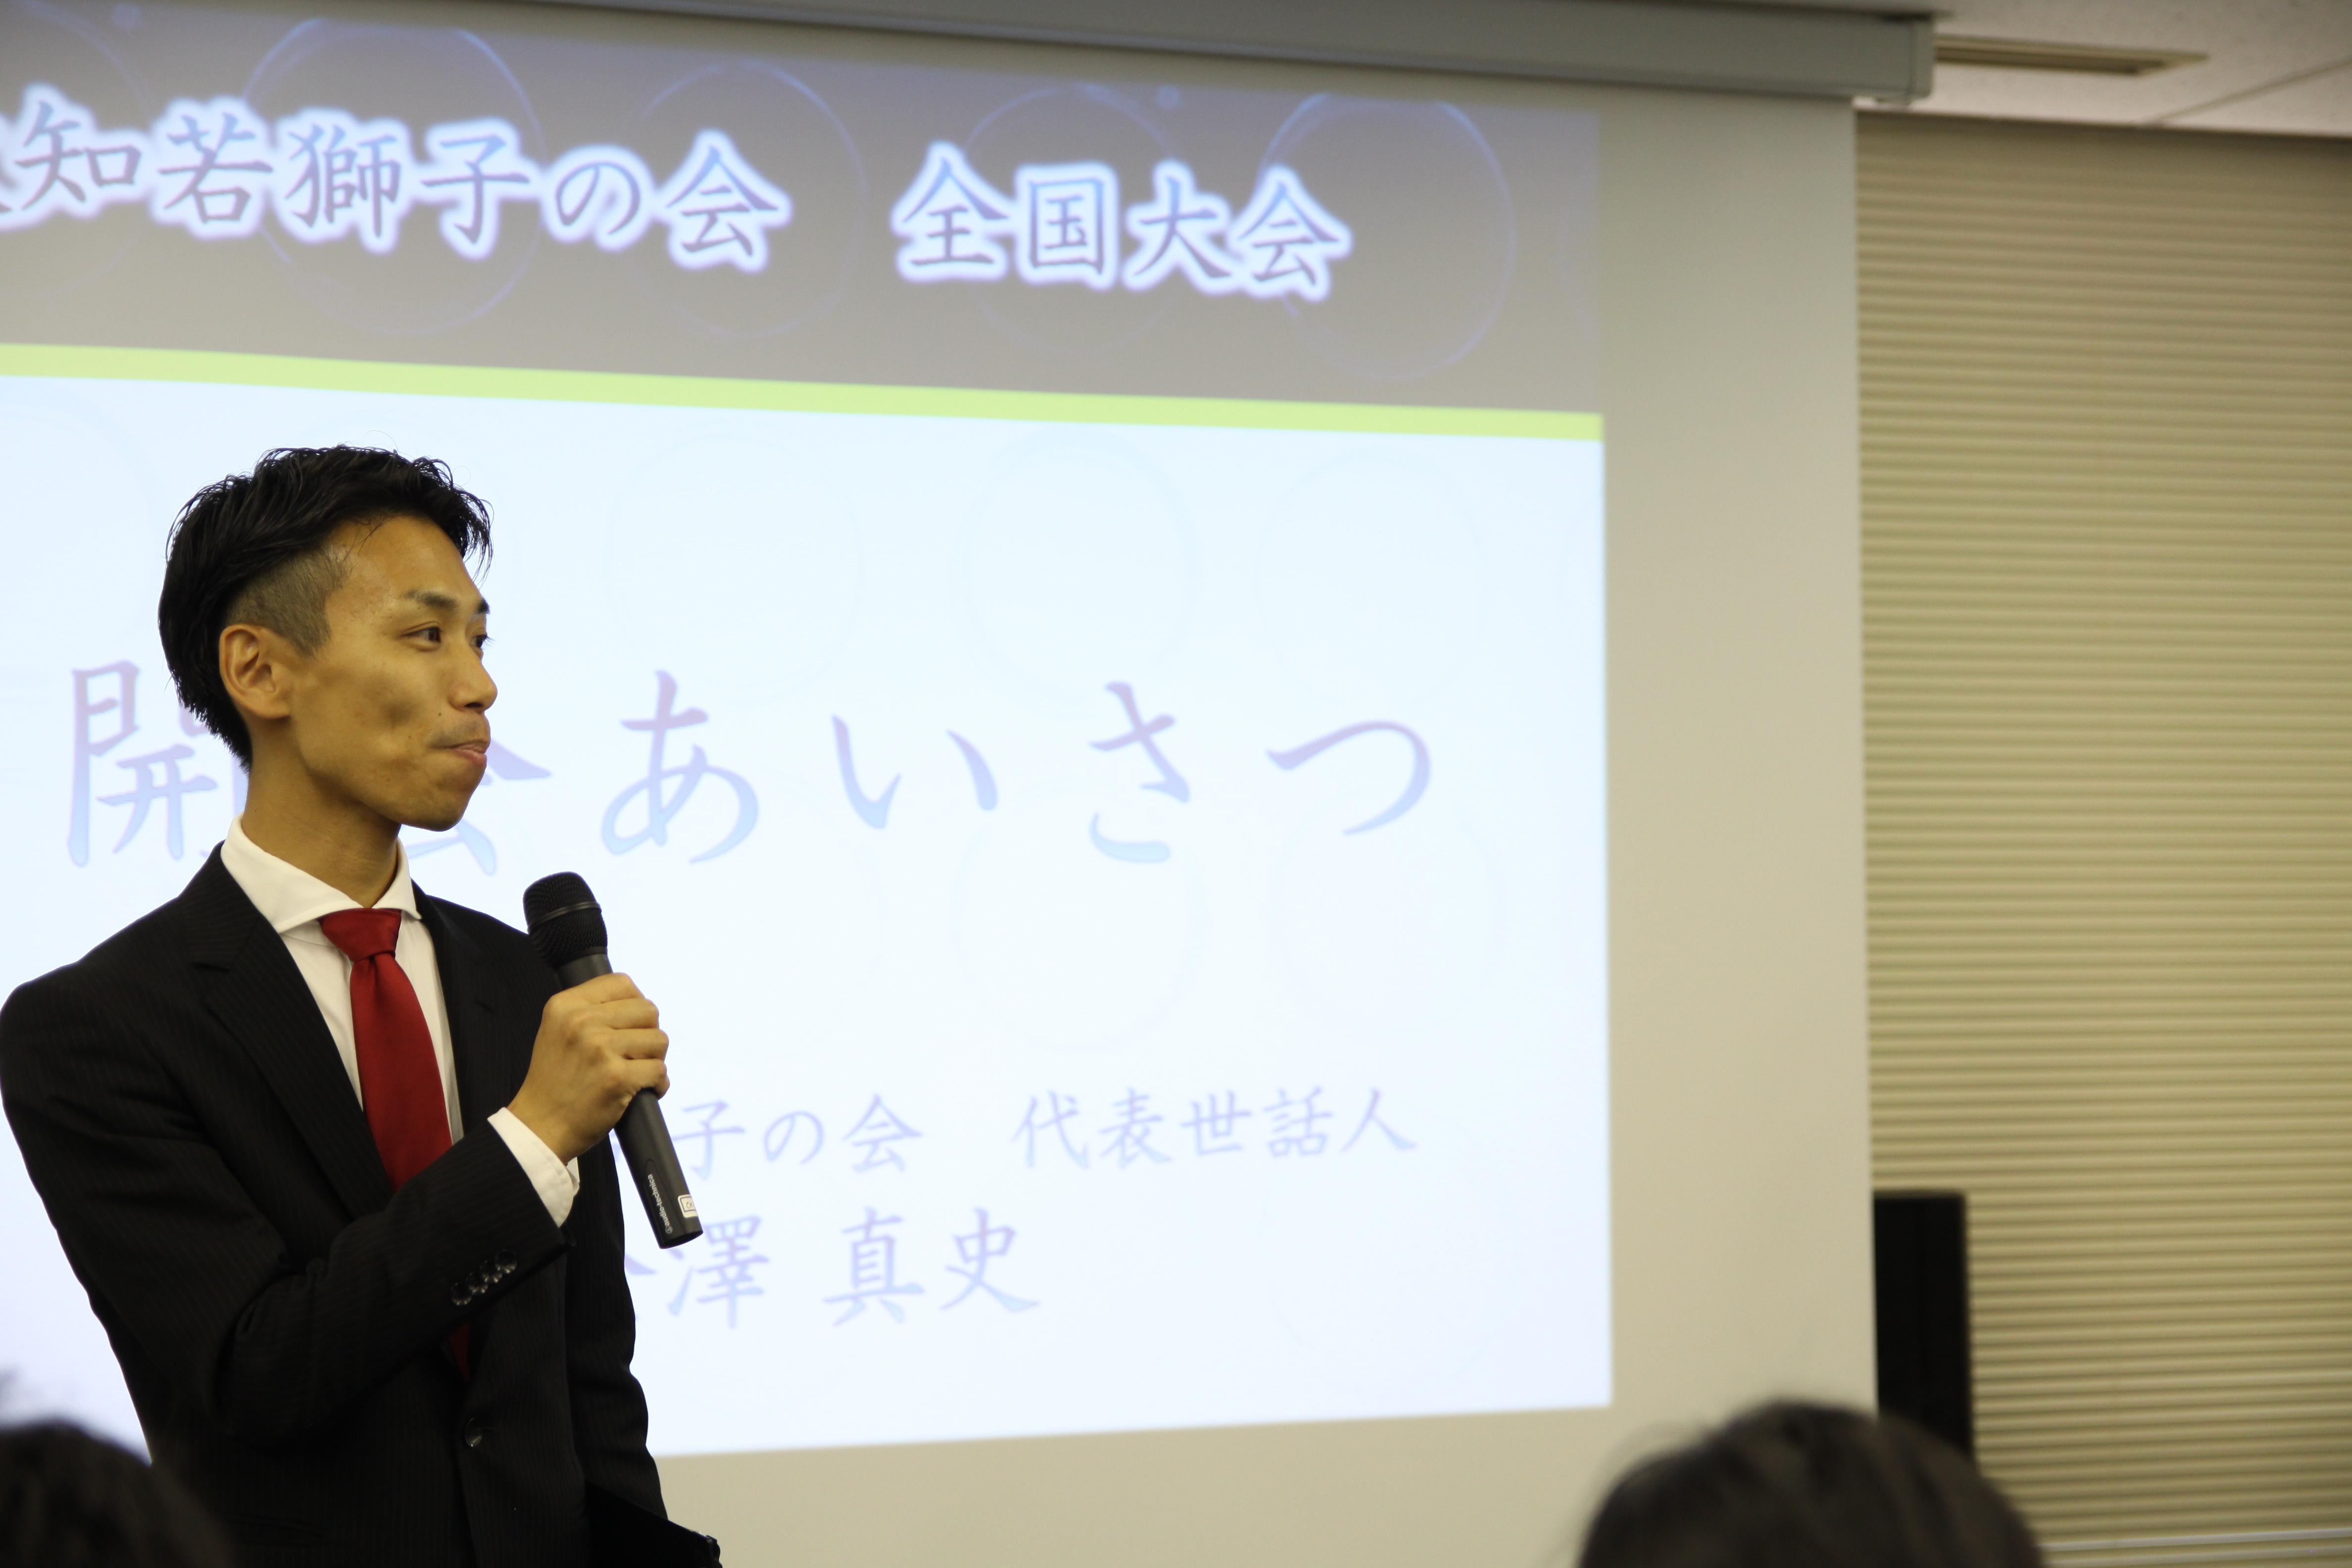 IMG 4556 - 関東若獅子の会、記念すべき第100回